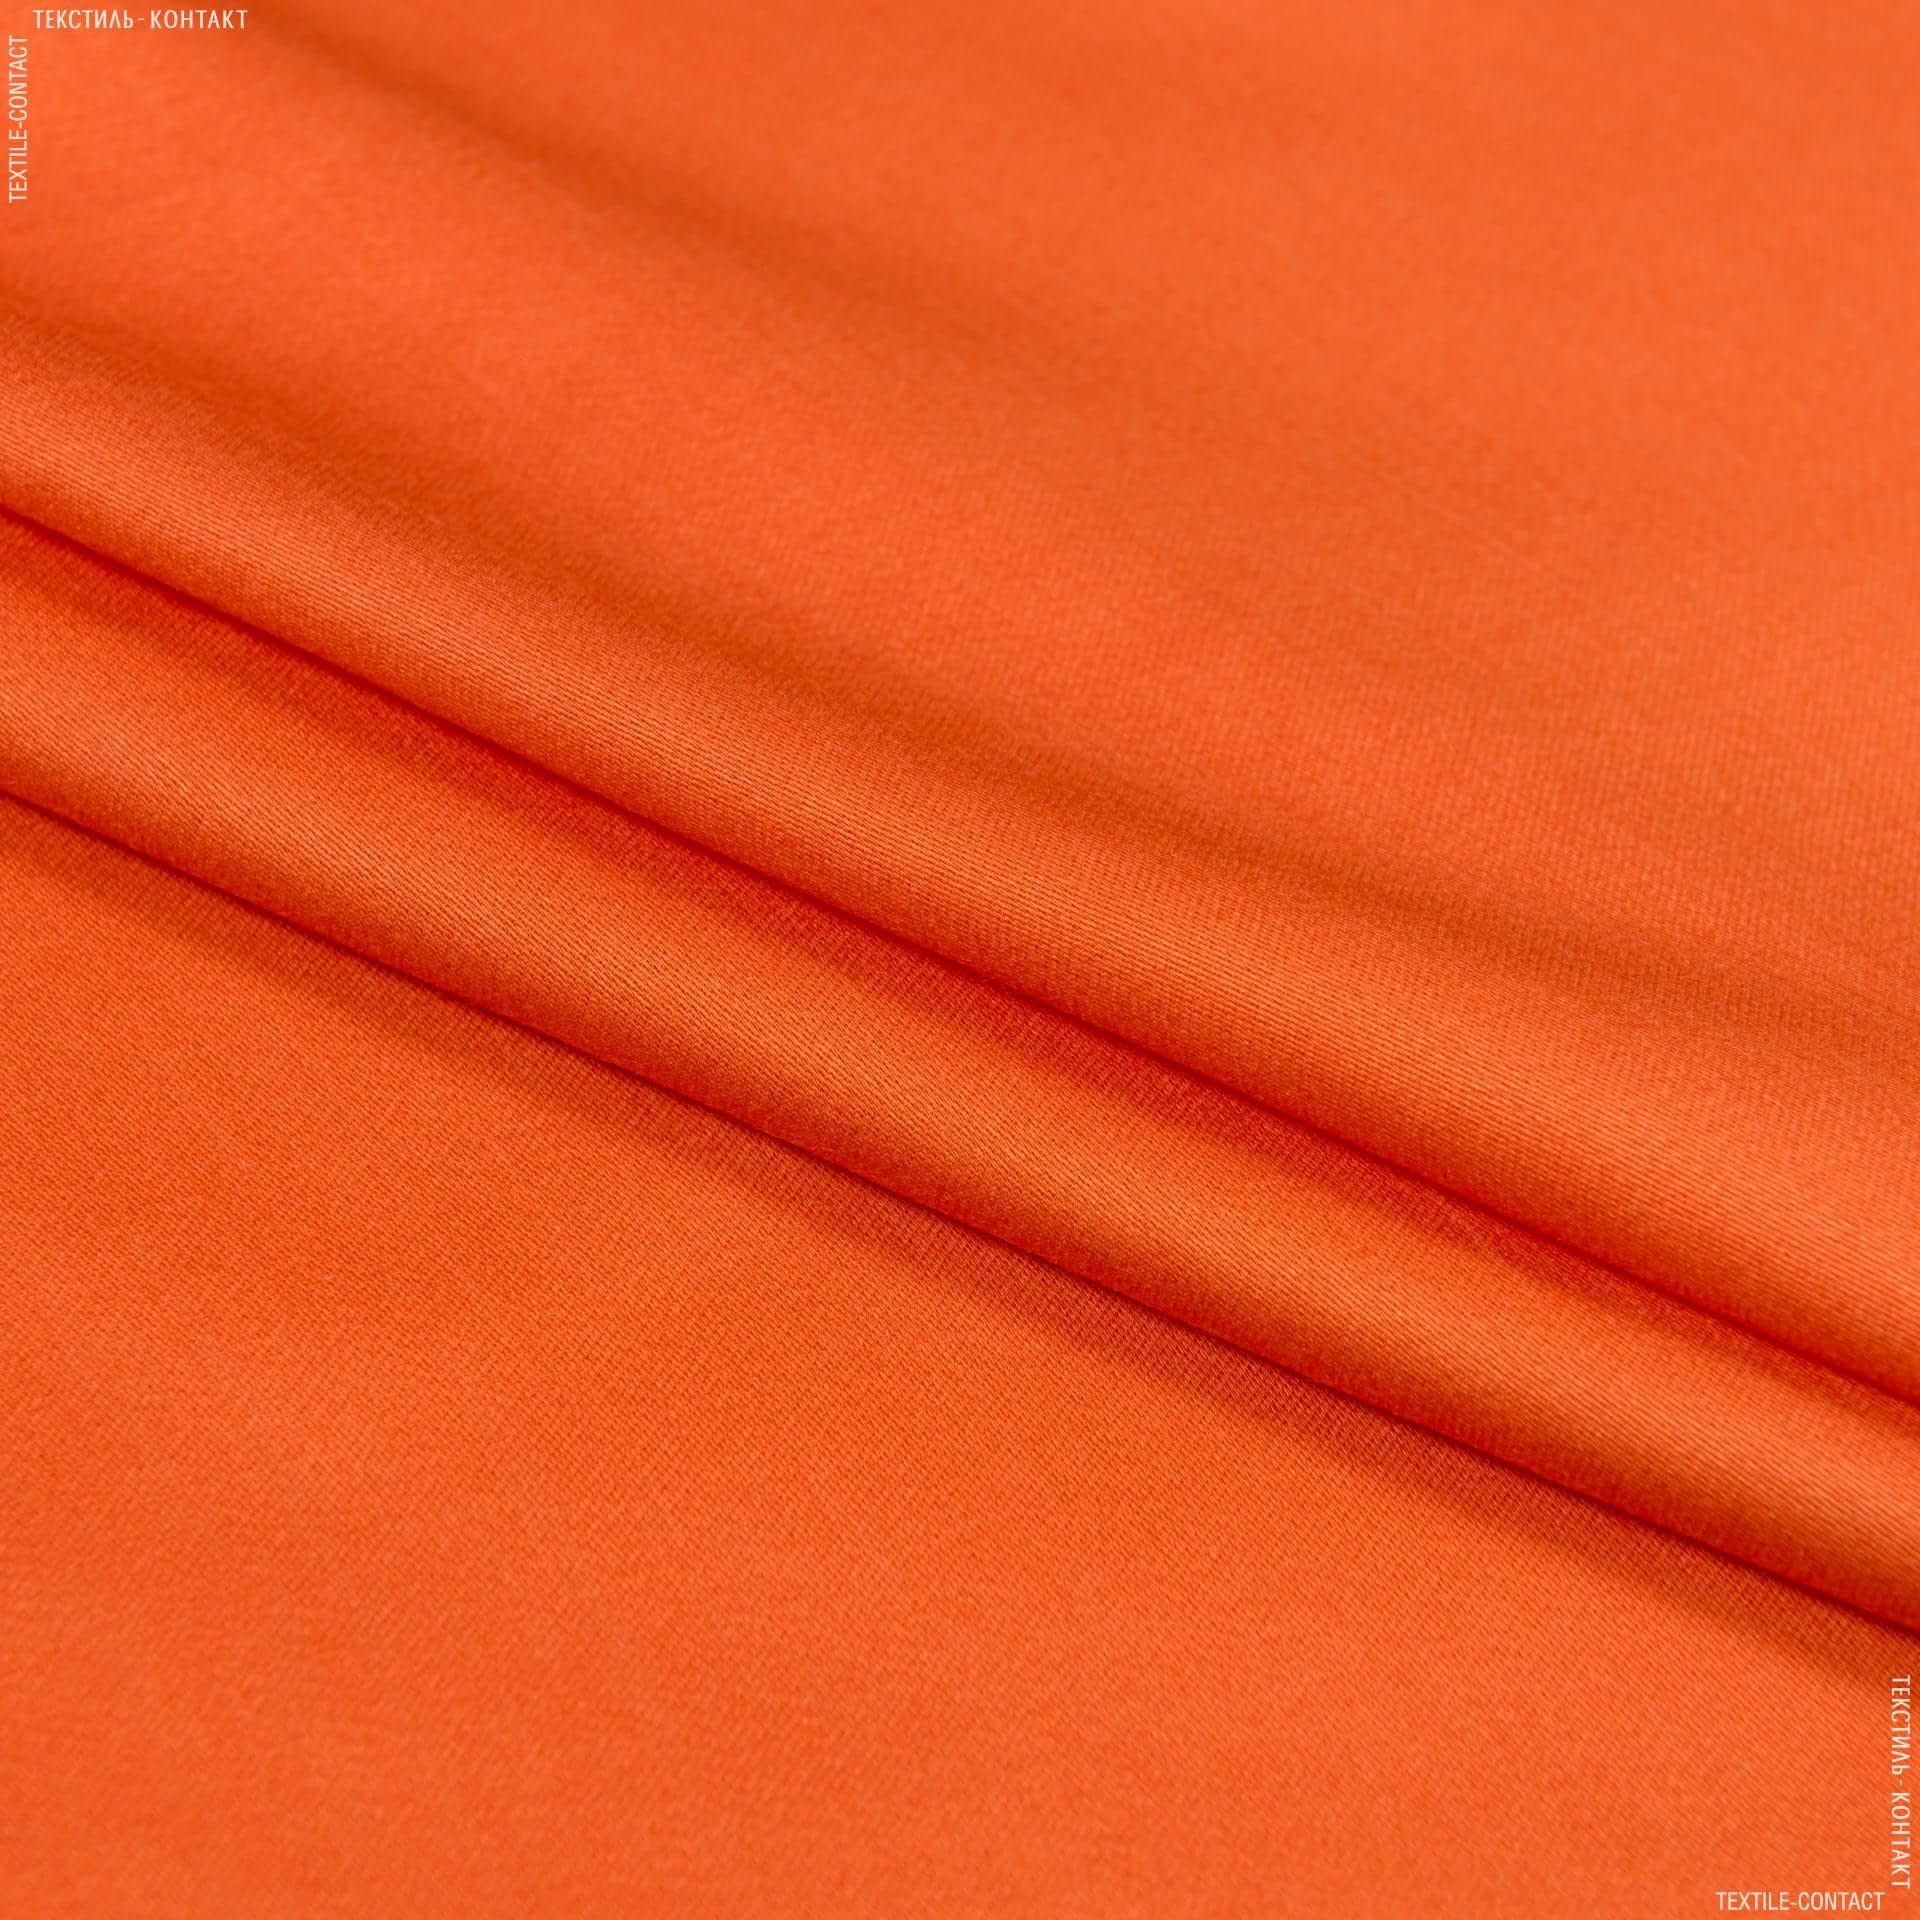 Ткани для платьев - Плательный сатин морковный